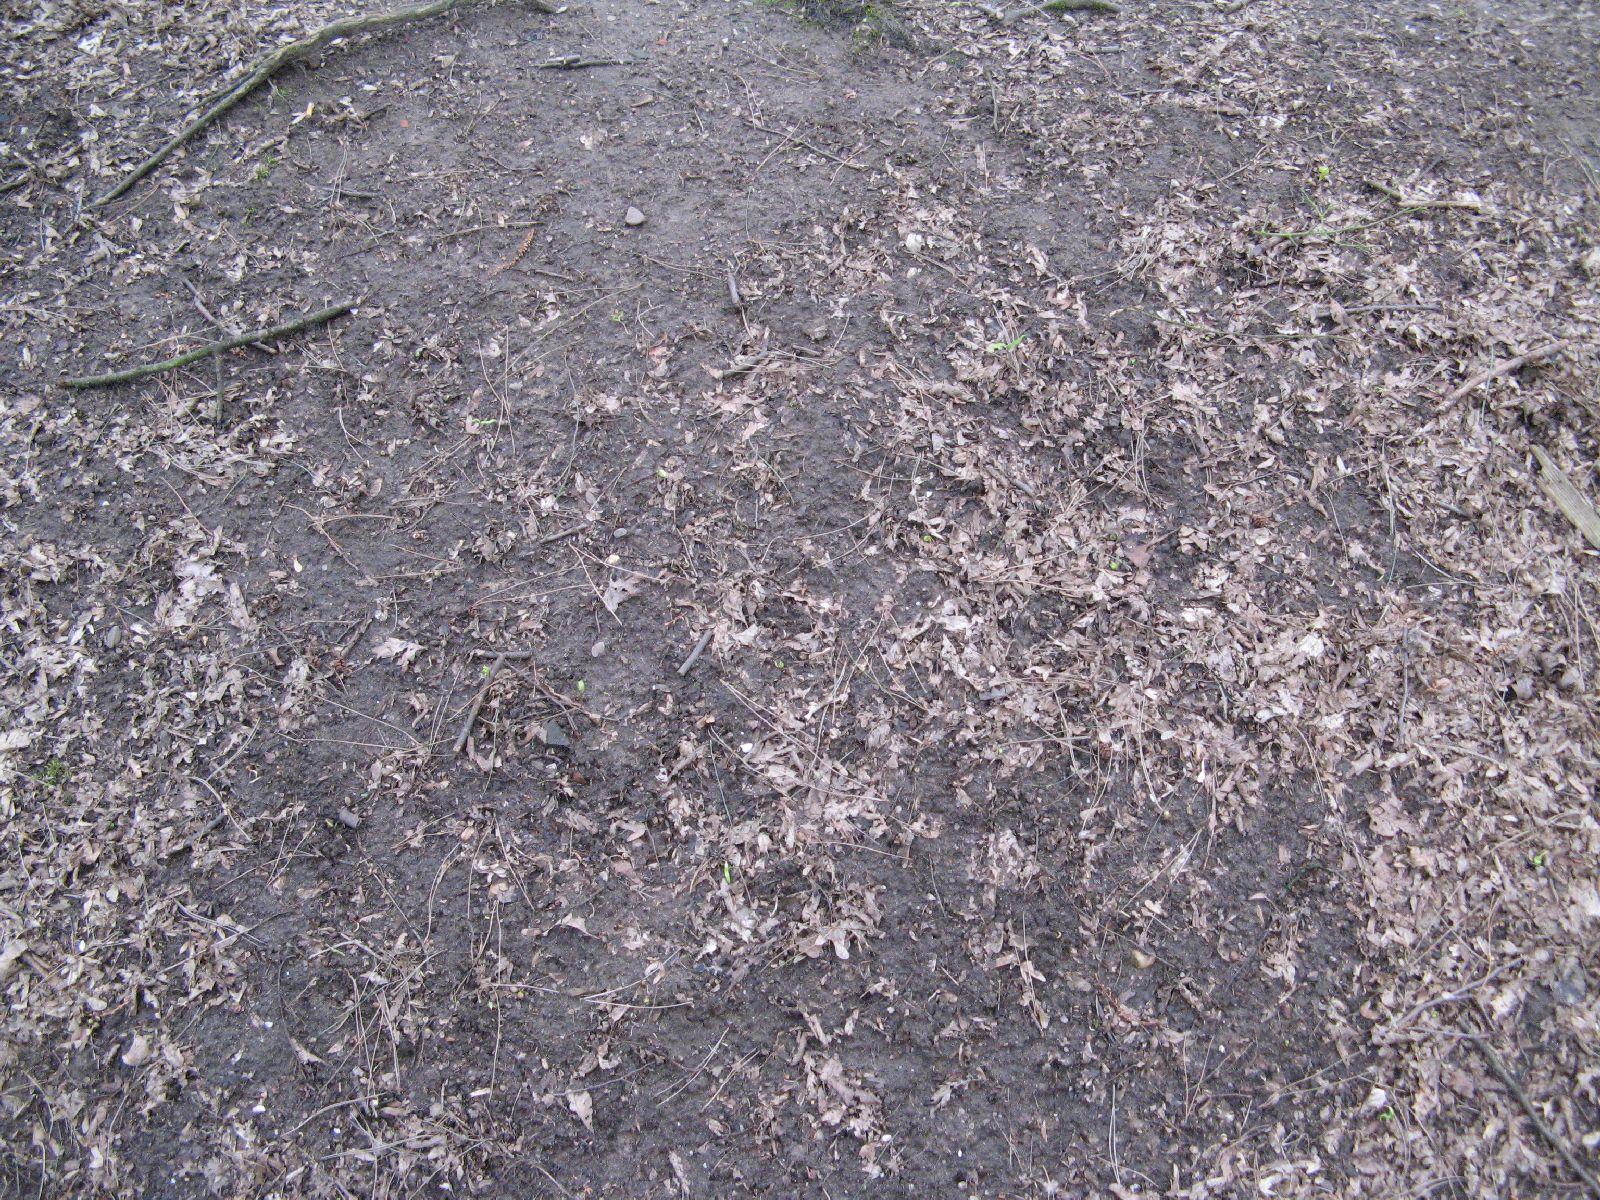 Ground-Nature_Texture_B_5597